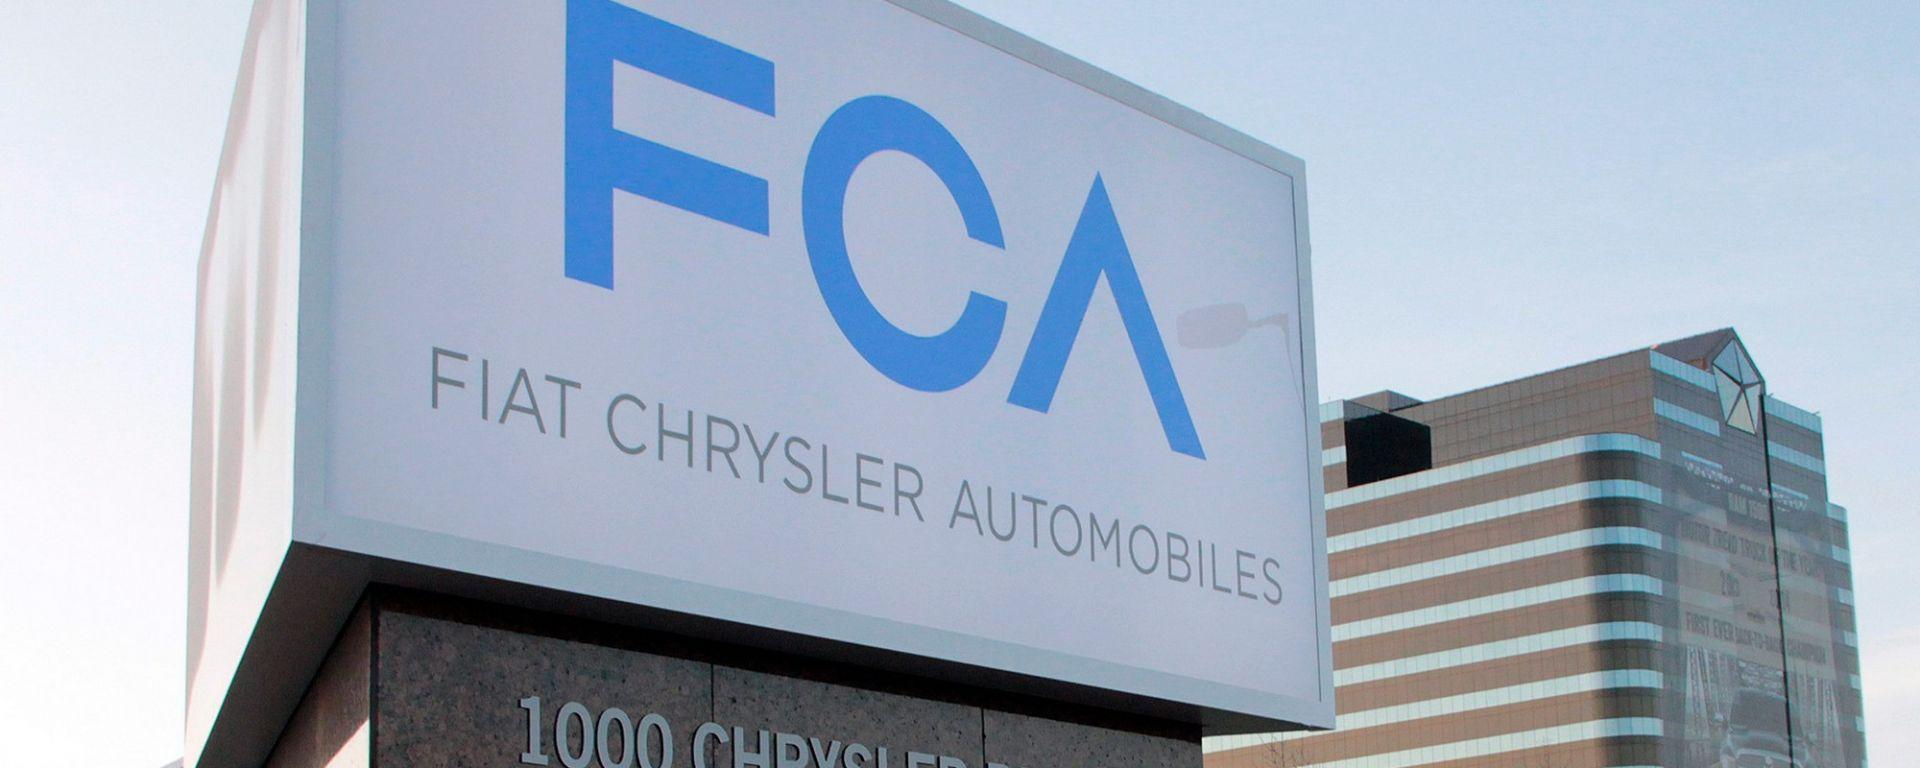 FCA, possibile scorporo di Fiat? Le voci dicono che...